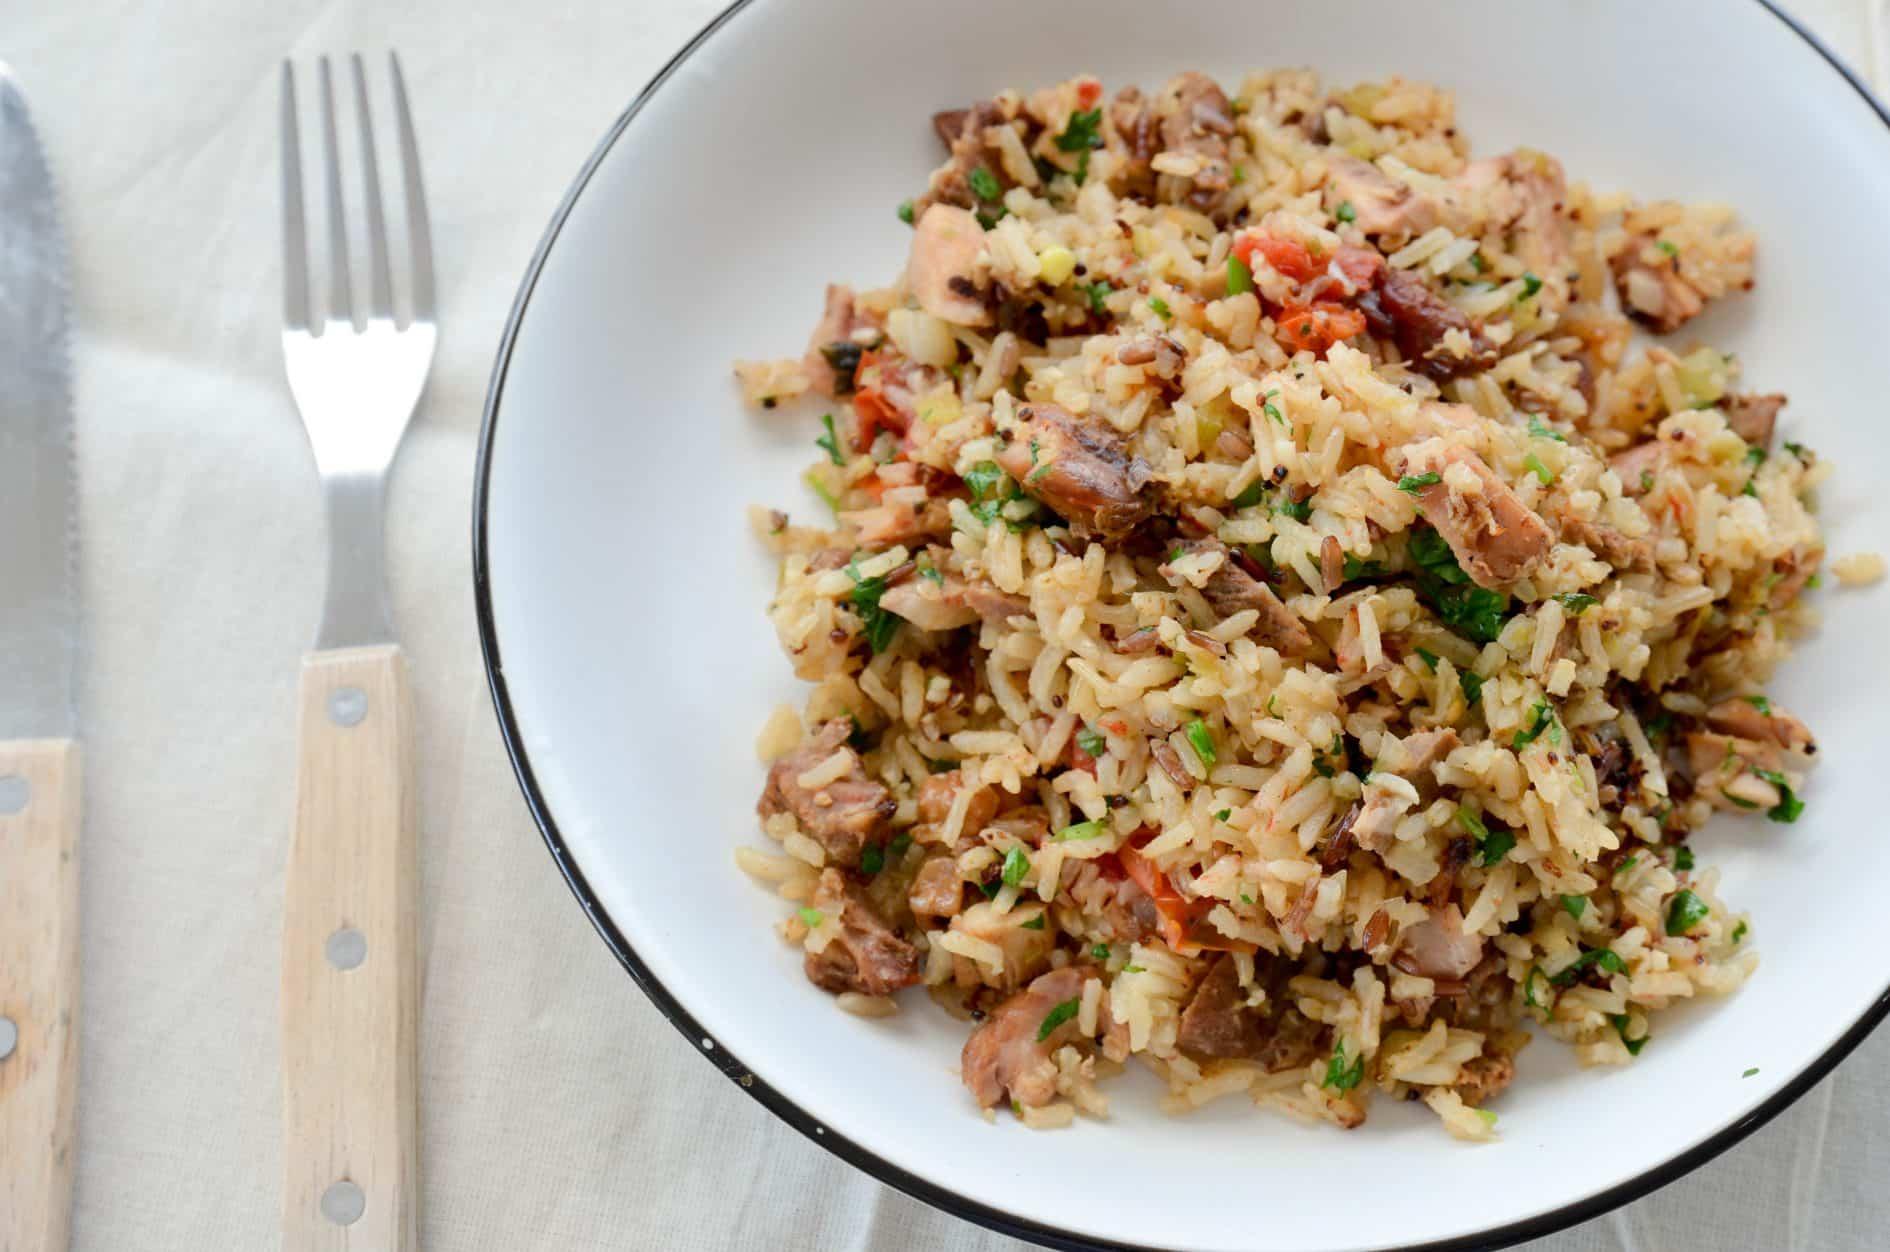 receita de arroz de carreteiro, feito com arroz integral, sobras de churrasco e feito na panela elétrica!